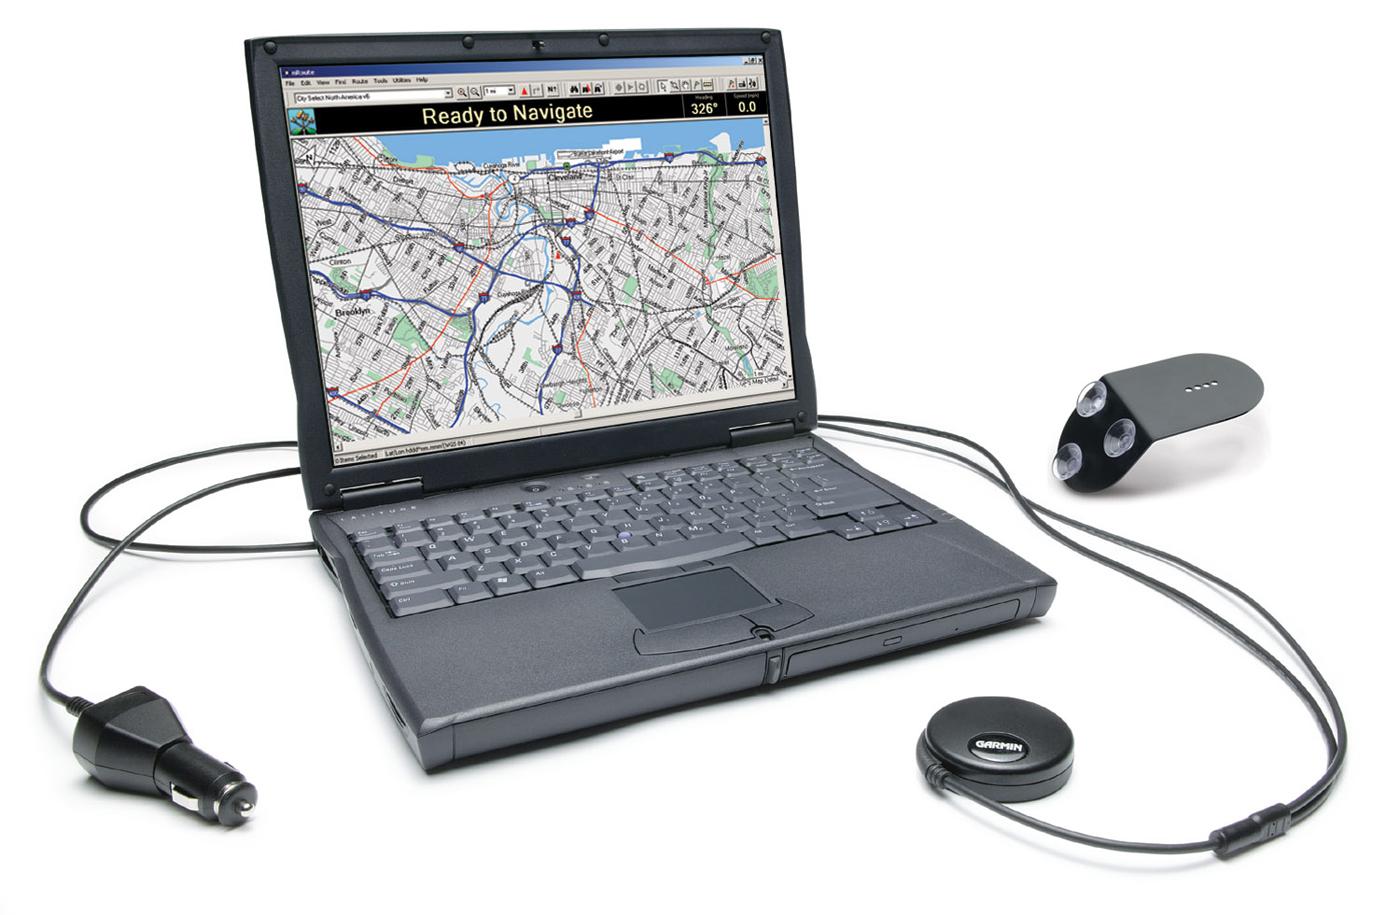 навигатор на компьютер скачать бесплатно на ноутбук торрент